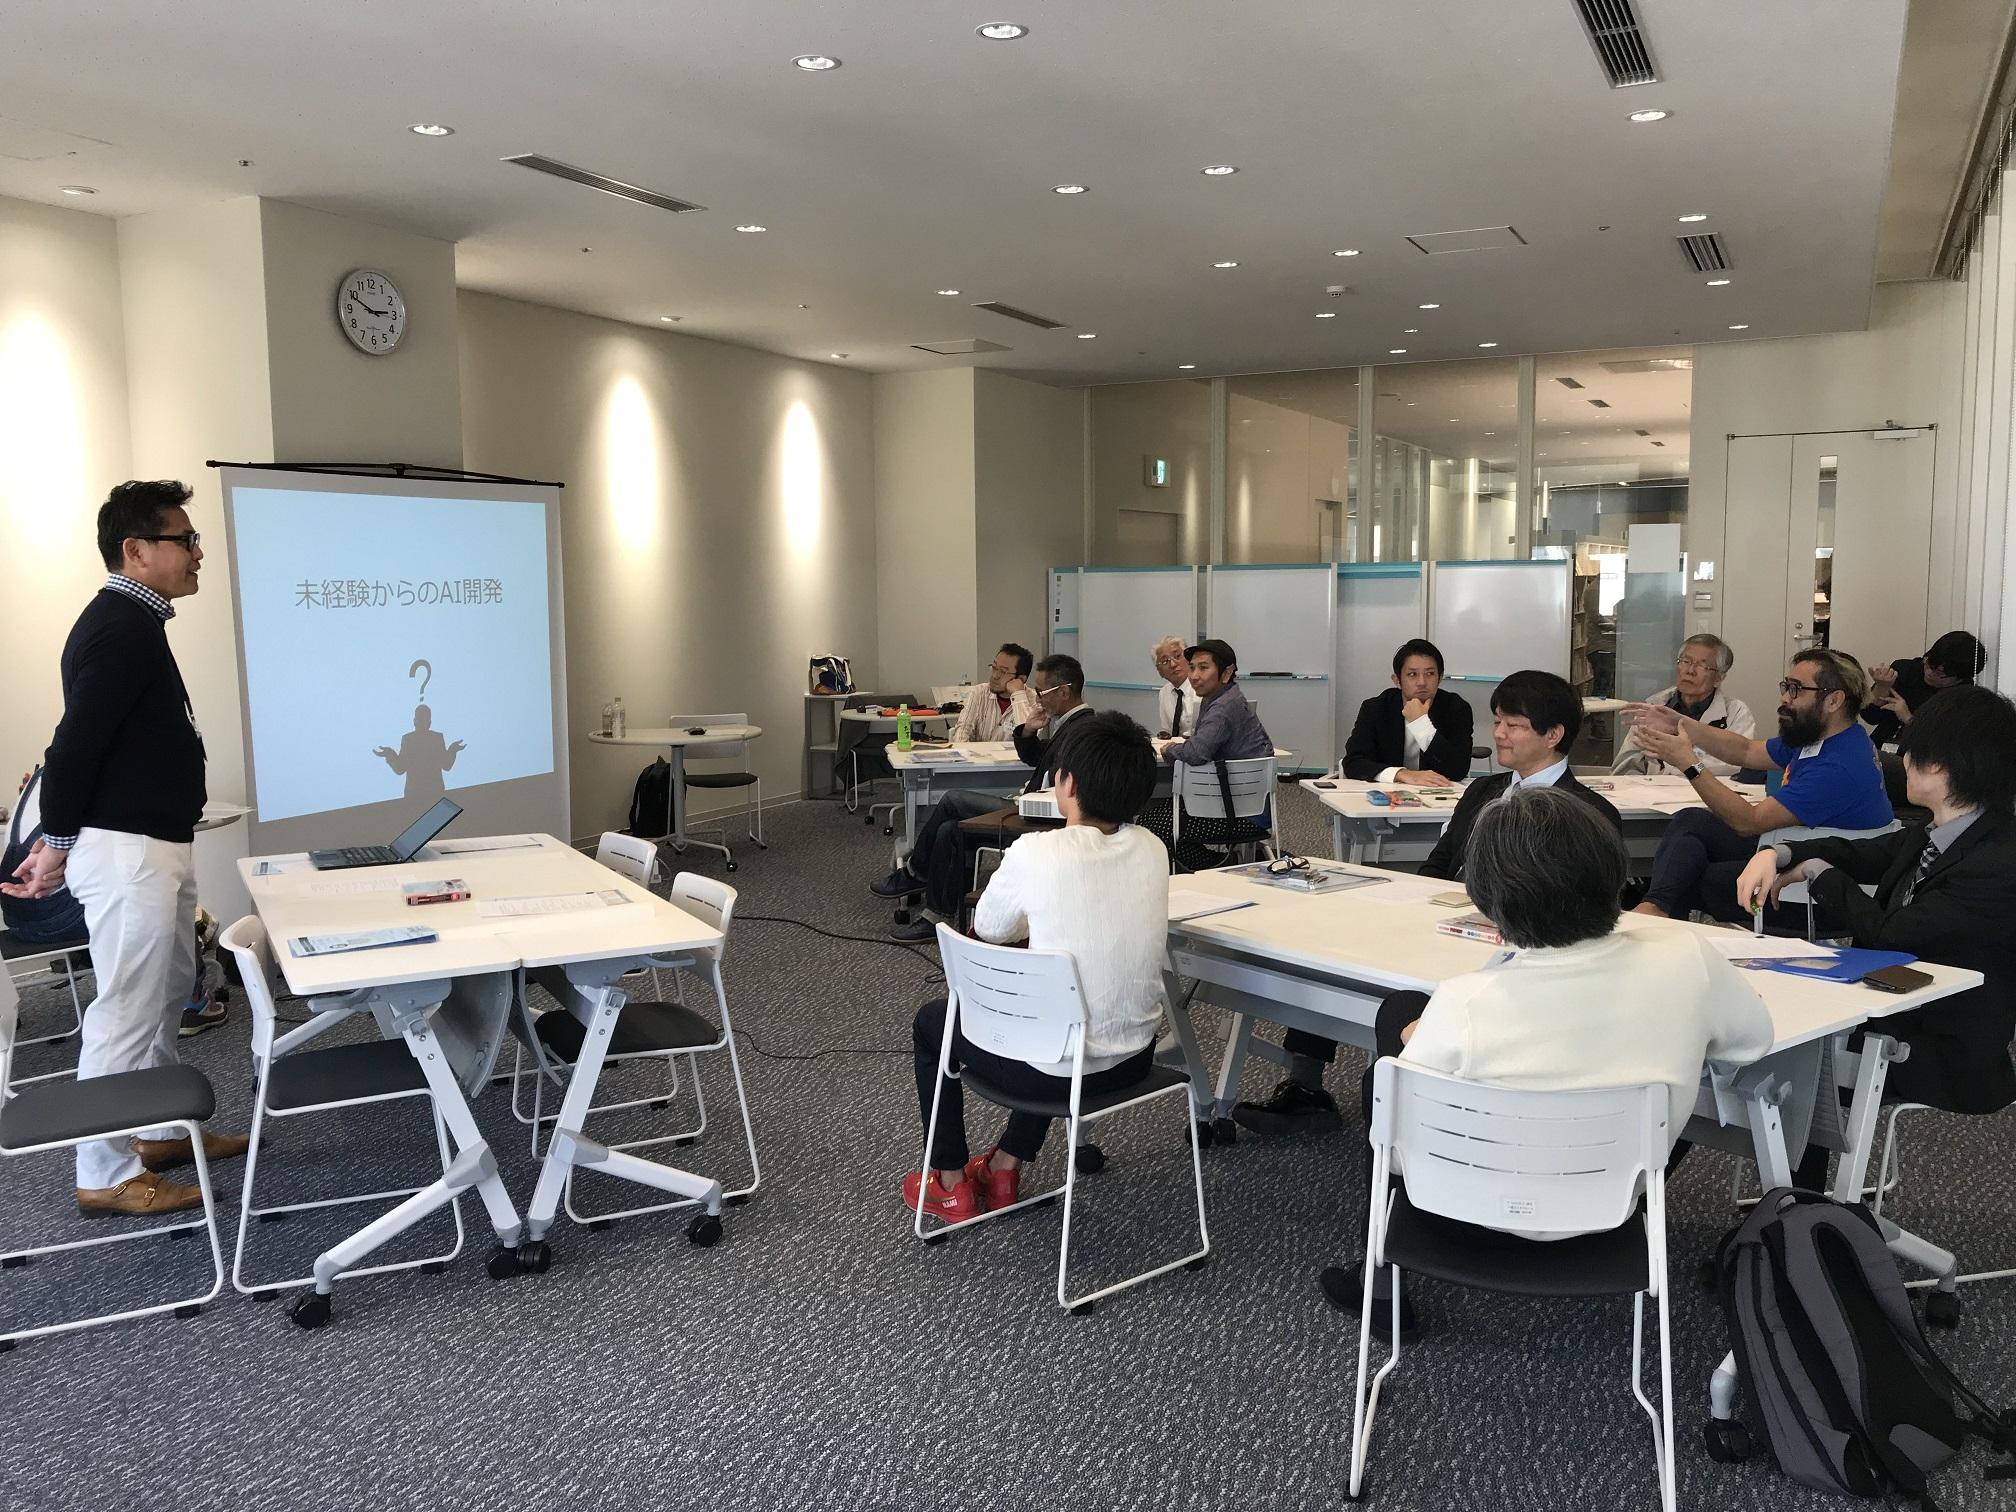 「イノベーション×ファシリテーション」セミナー 〜フューチャーセッションの取り組みを通して産業間連携と⾰新的なビジネス創出の⽅法論を学ぶ〜